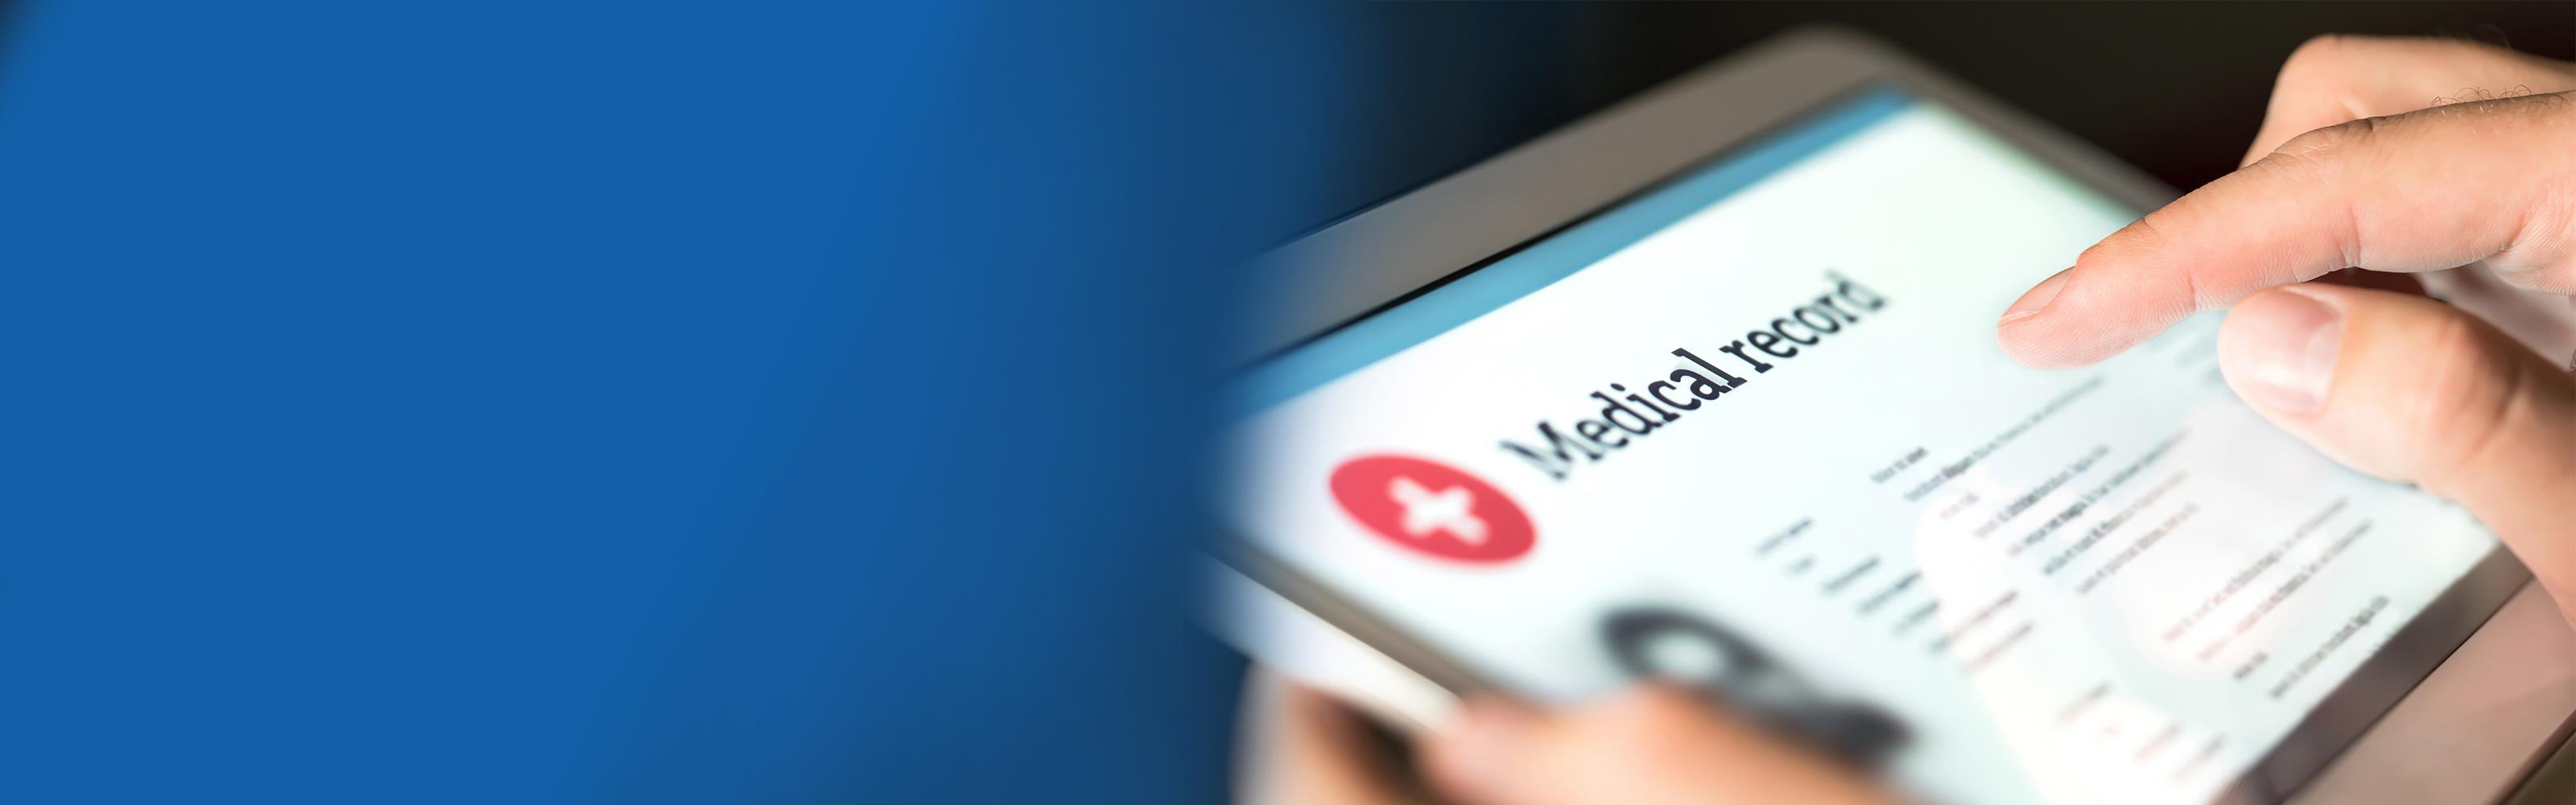 patient portal banner